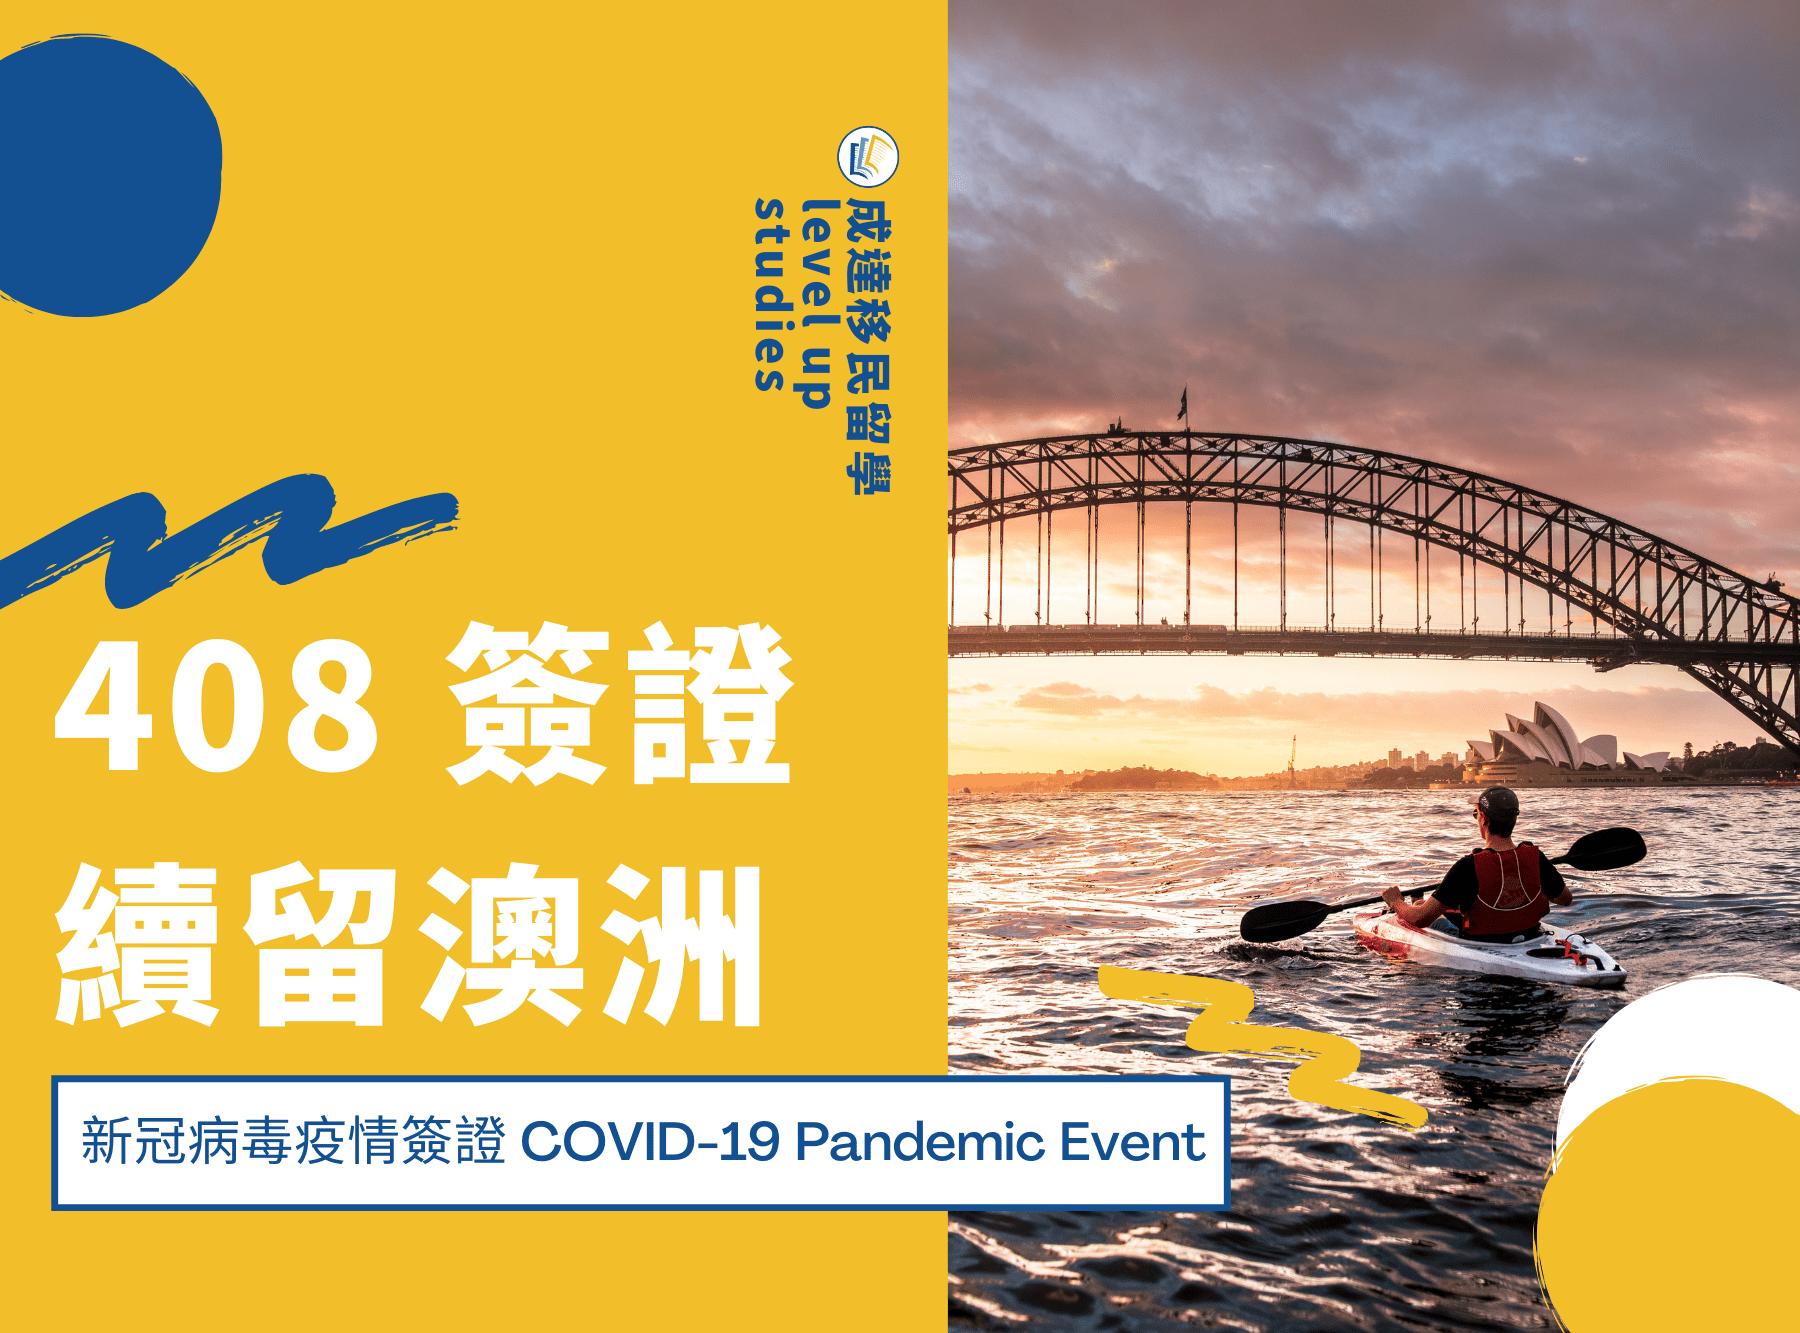 408簽證-澳洲續留簽證-澳洲臨時簽證